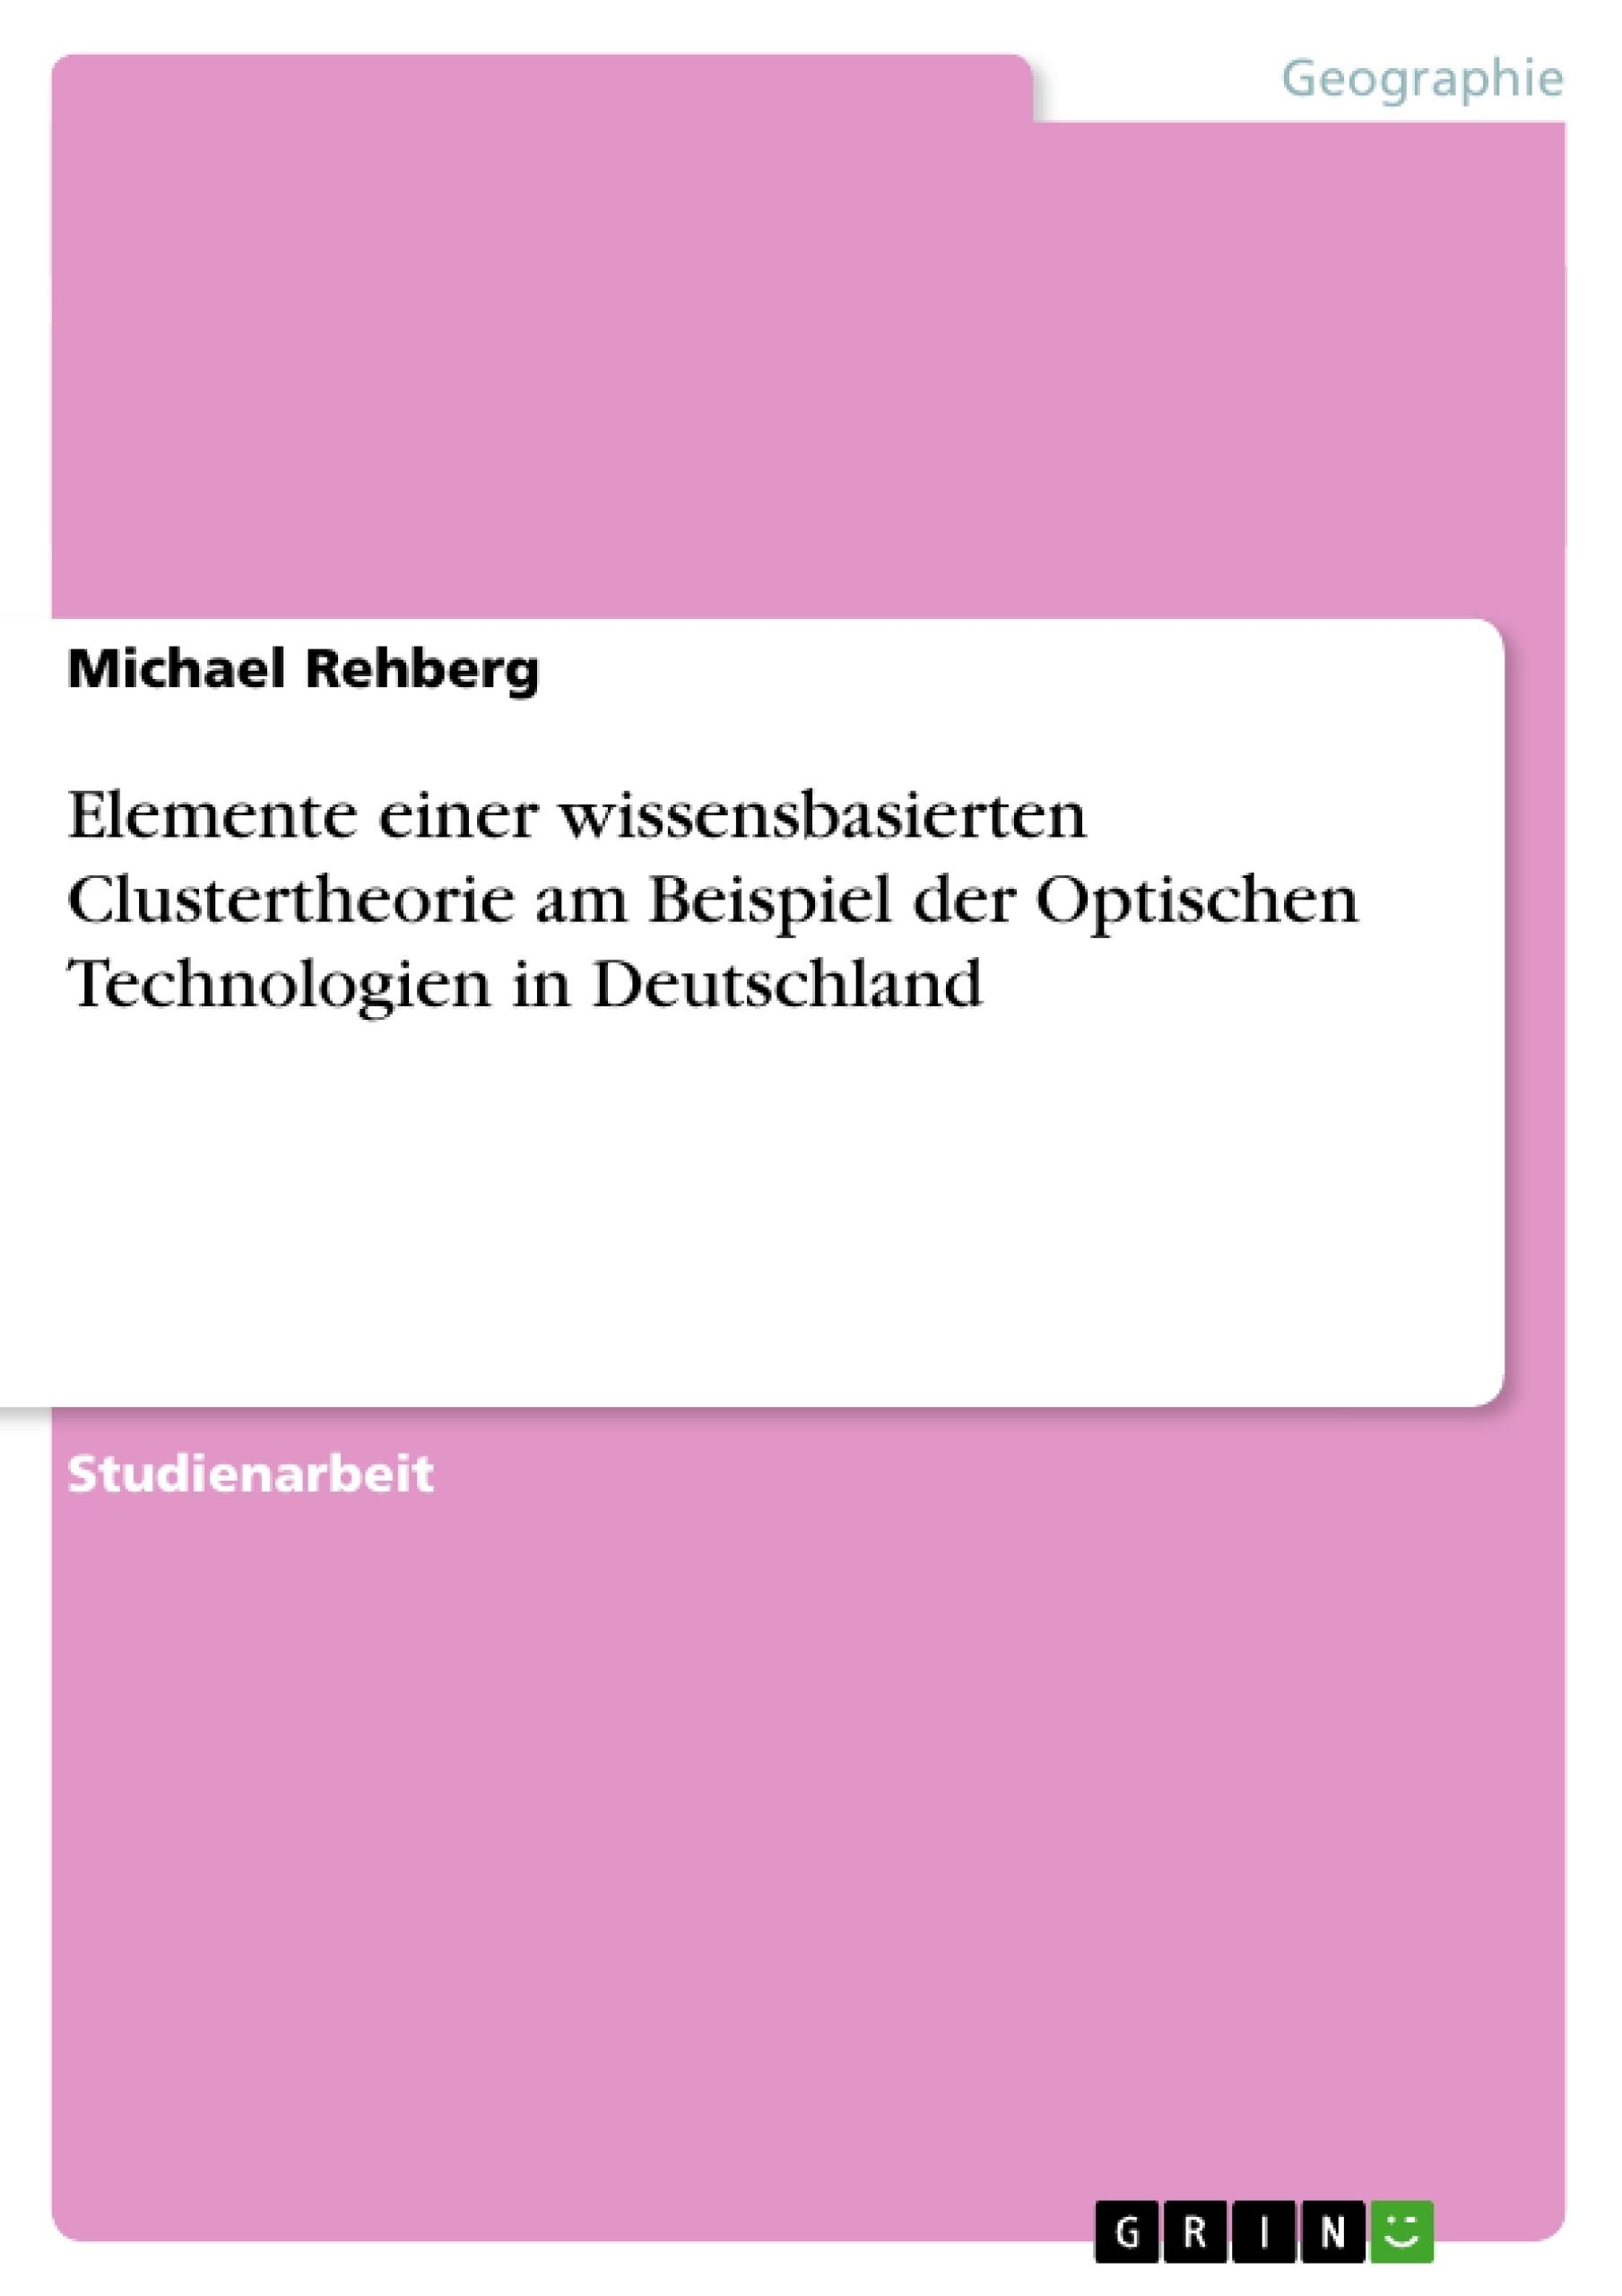 Titel: Elemente einer wissensbasierten Clustertheorie am Beispiel der Optischen Technologien in Deutschland